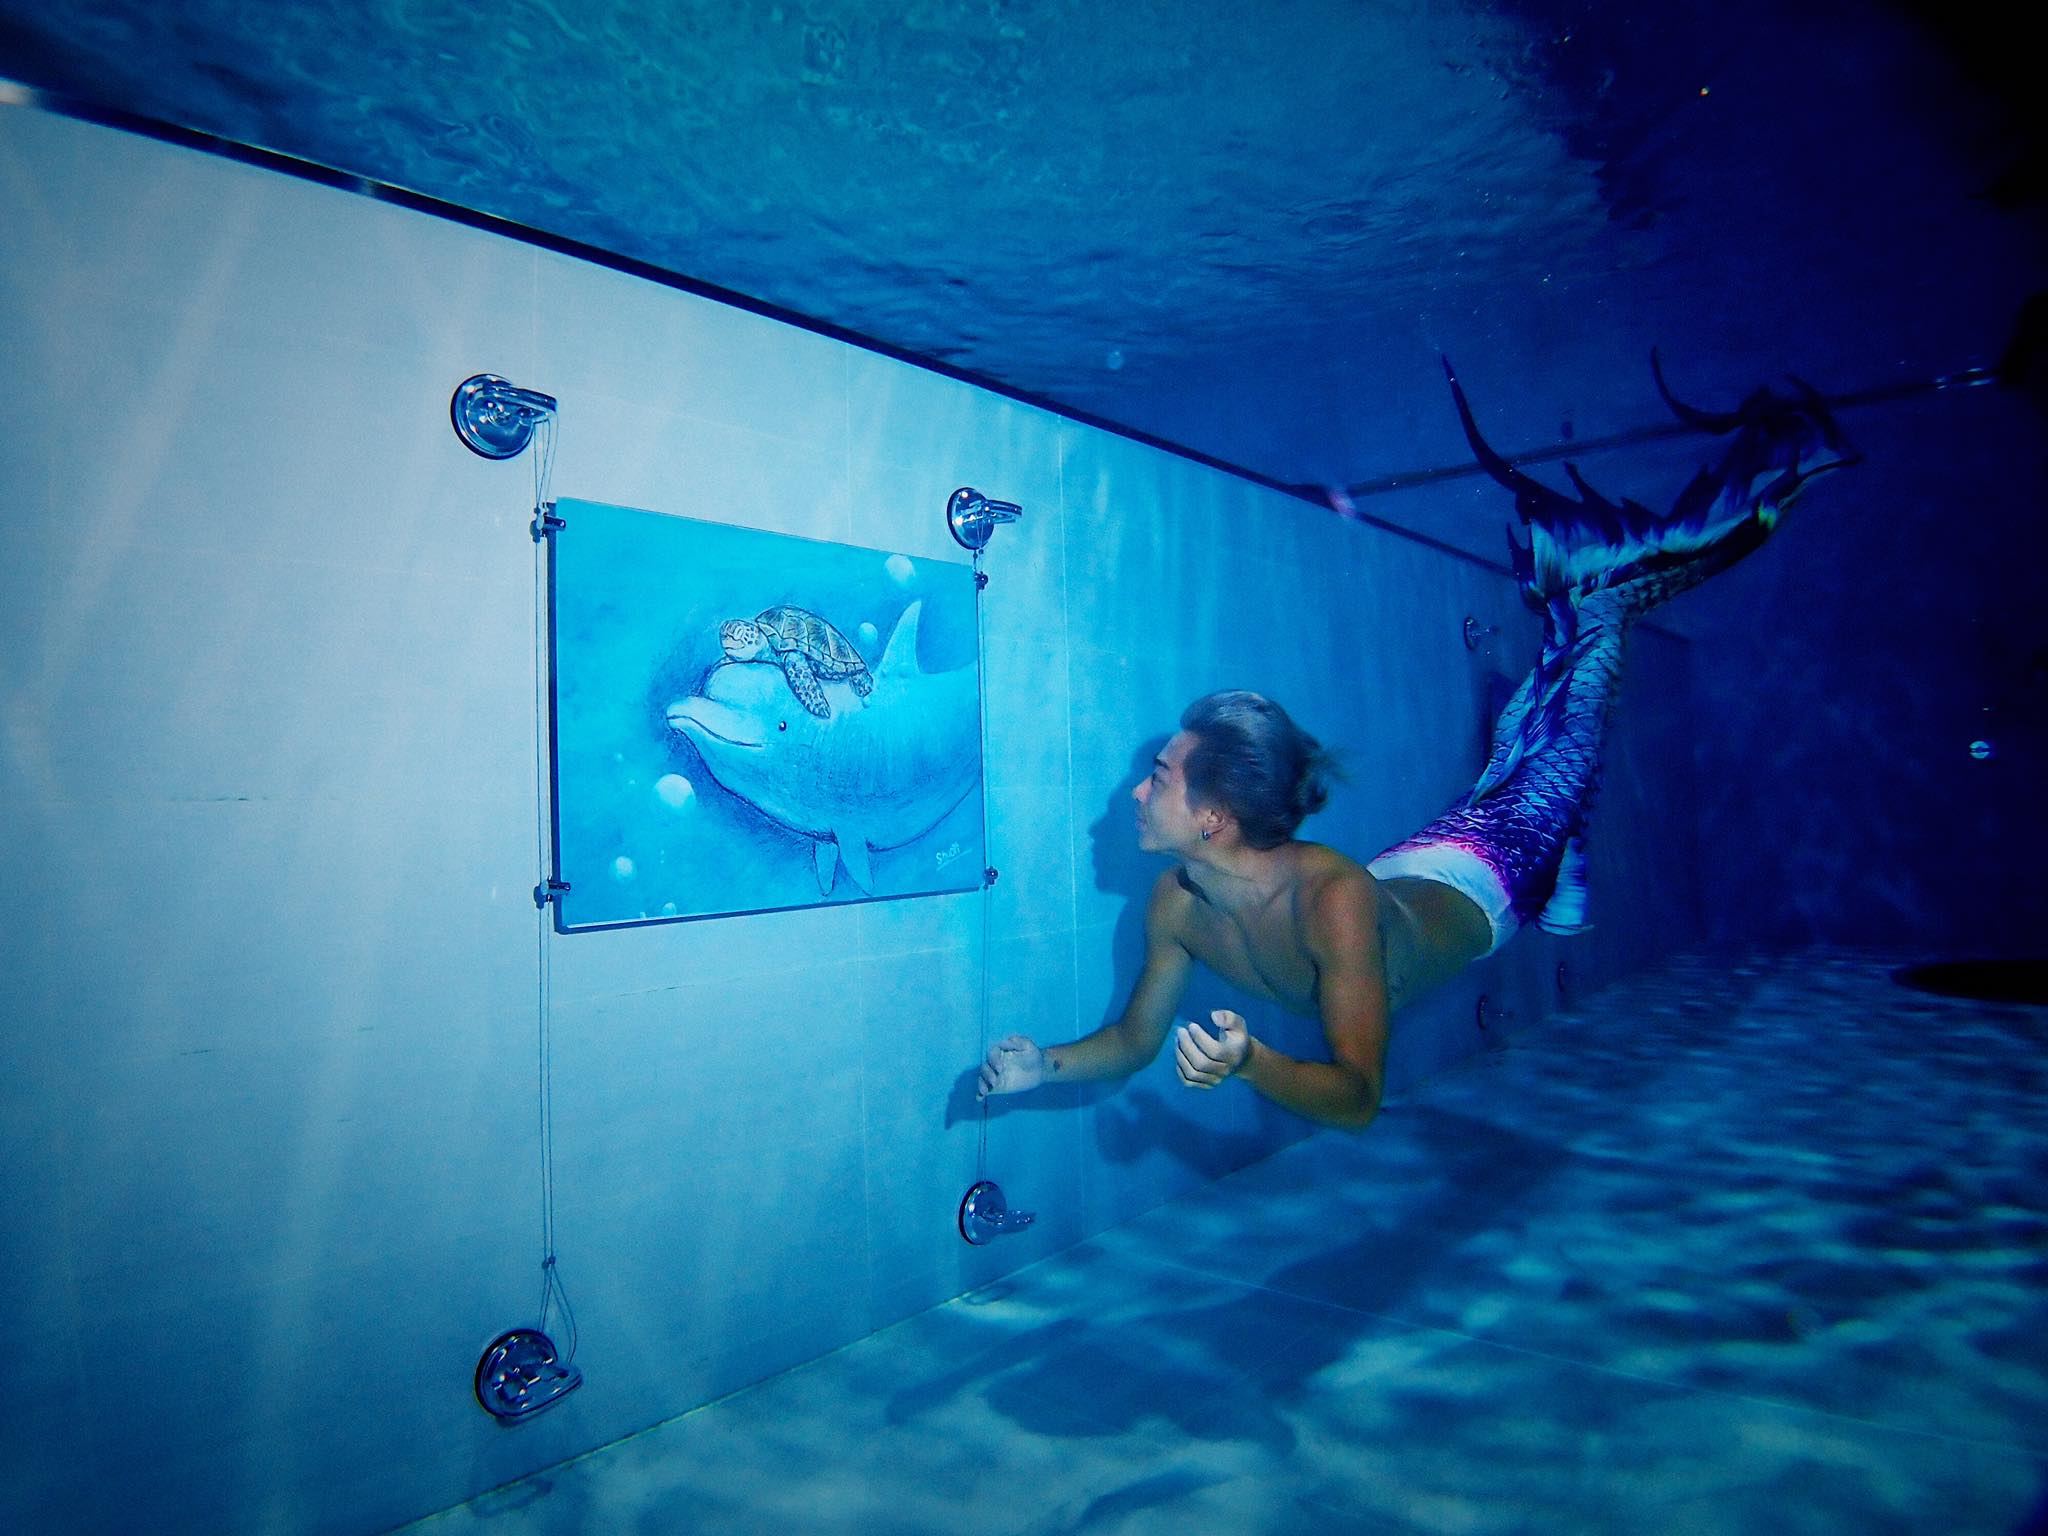 【台中.趣】潛水才能看到下半部,見證海龜一生的繪本展